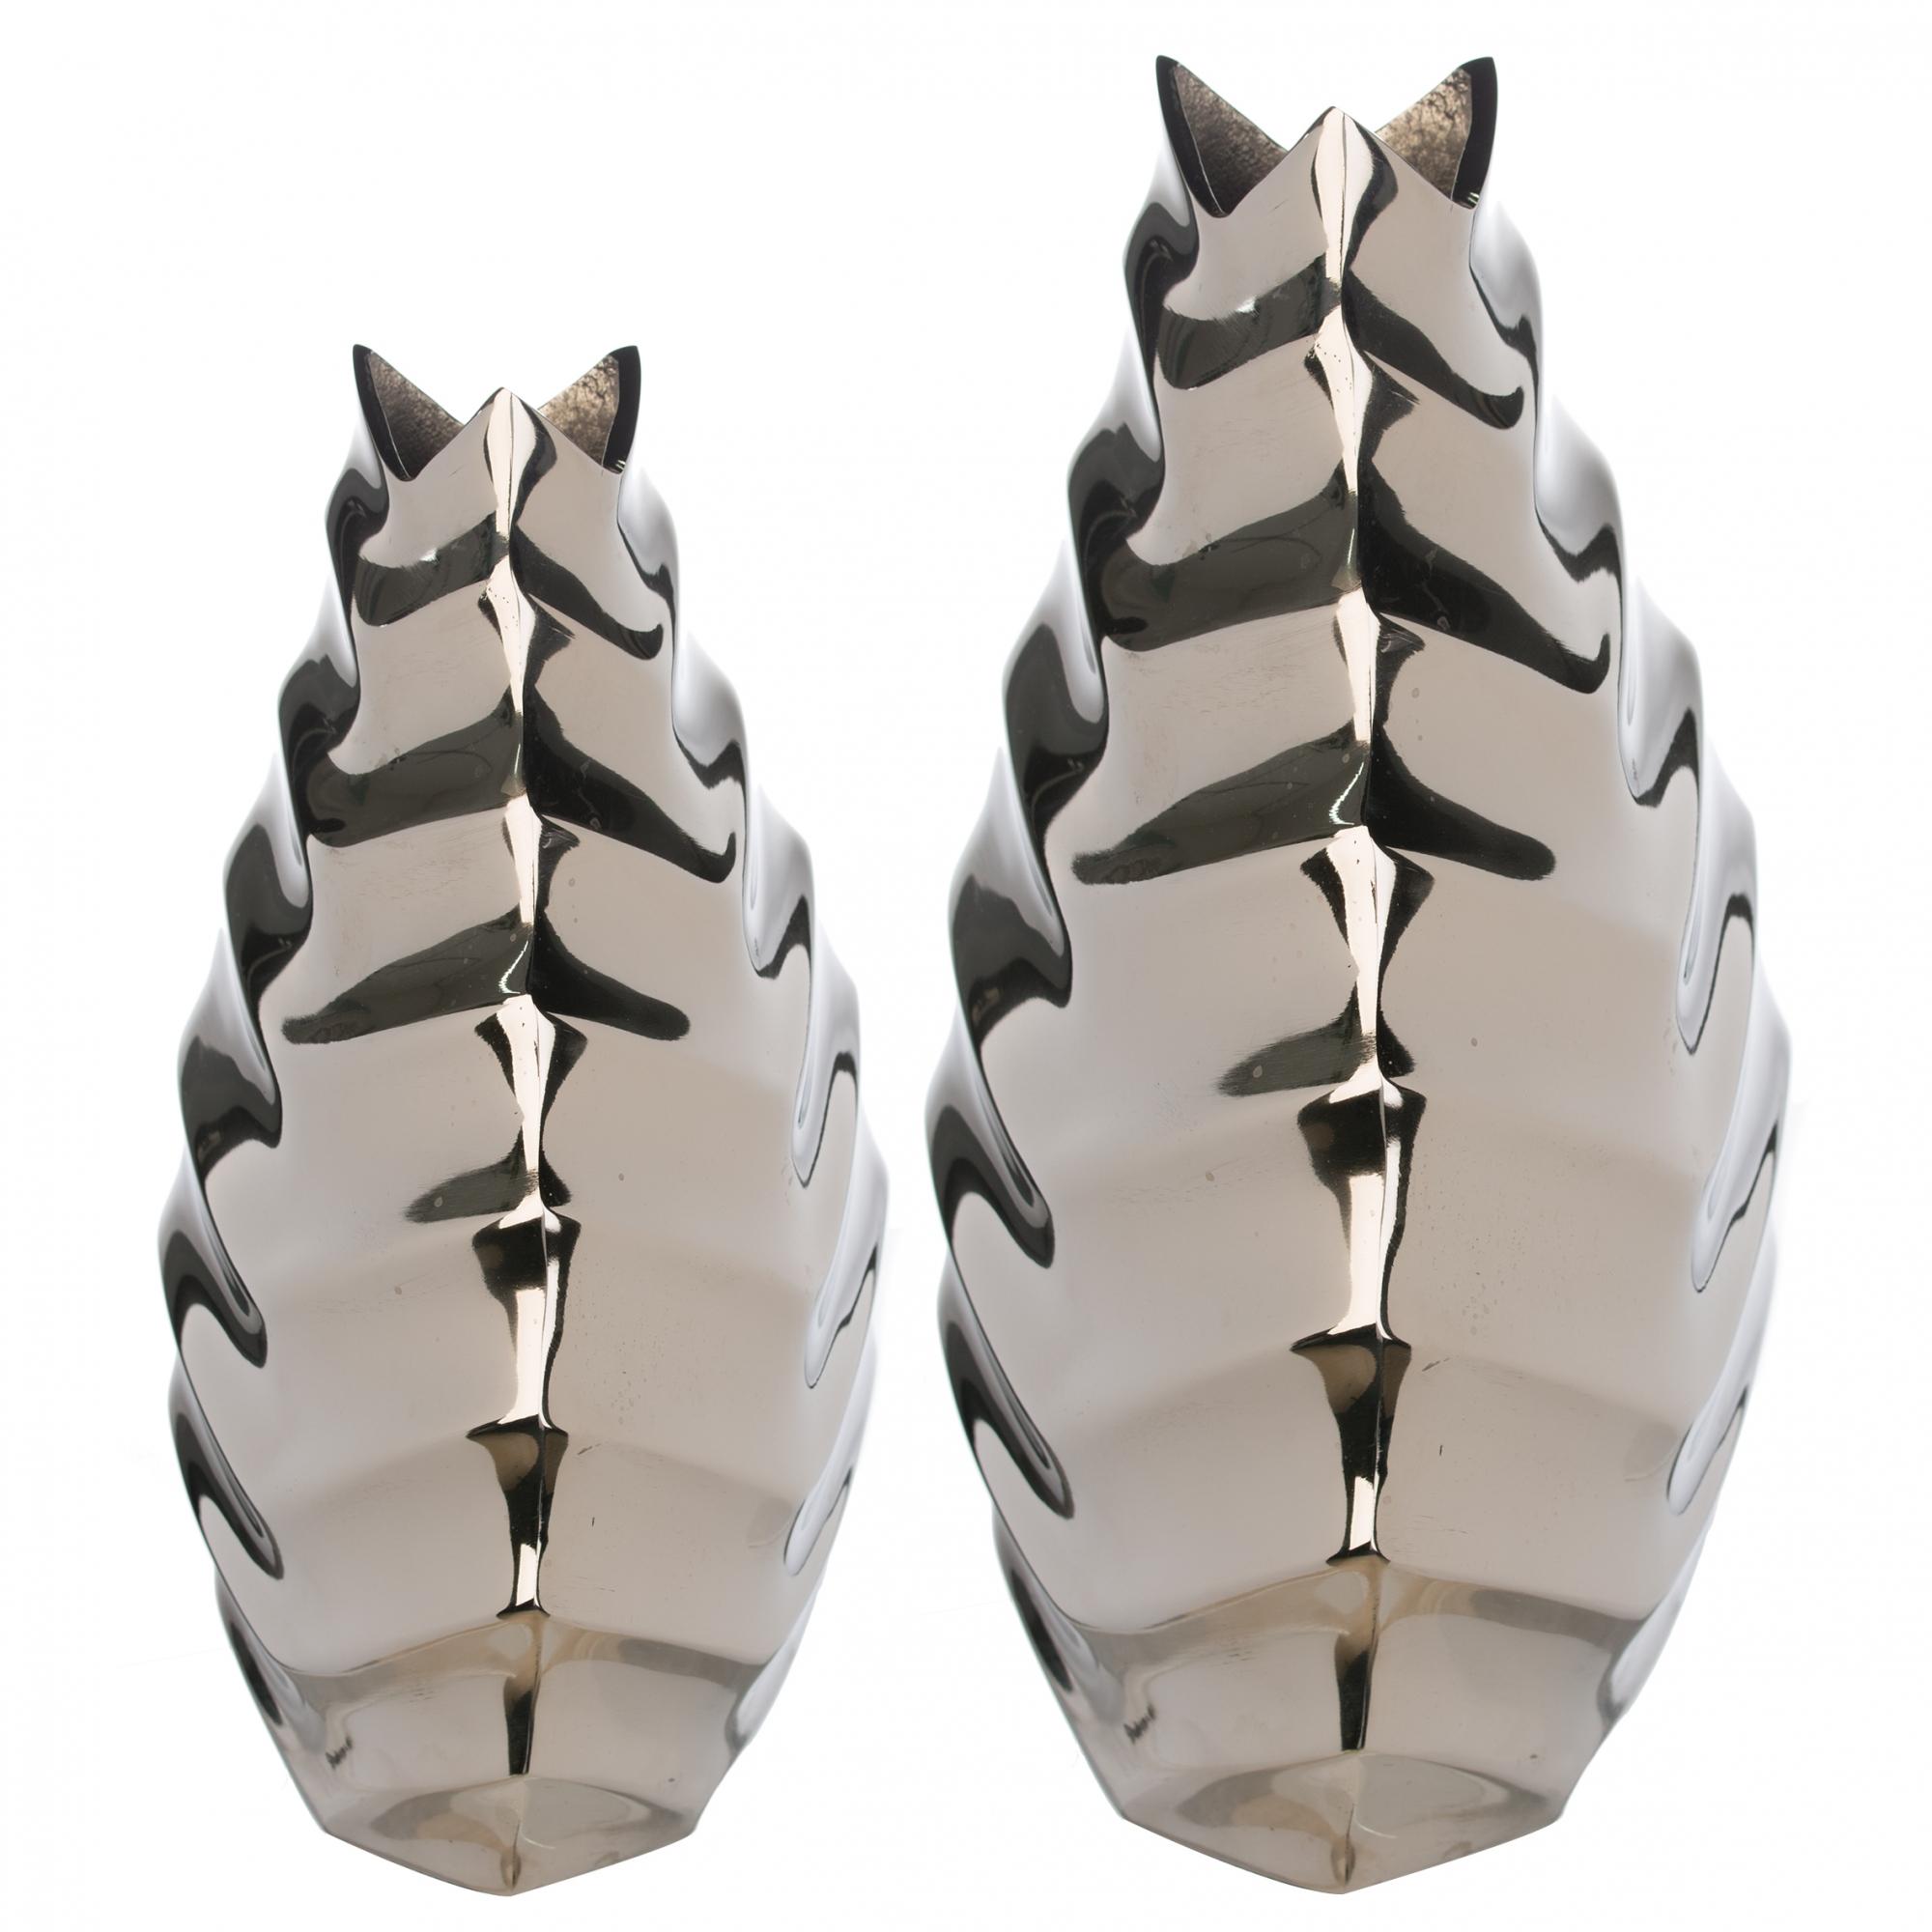 Váza Edon, 27 cm, stříbrná